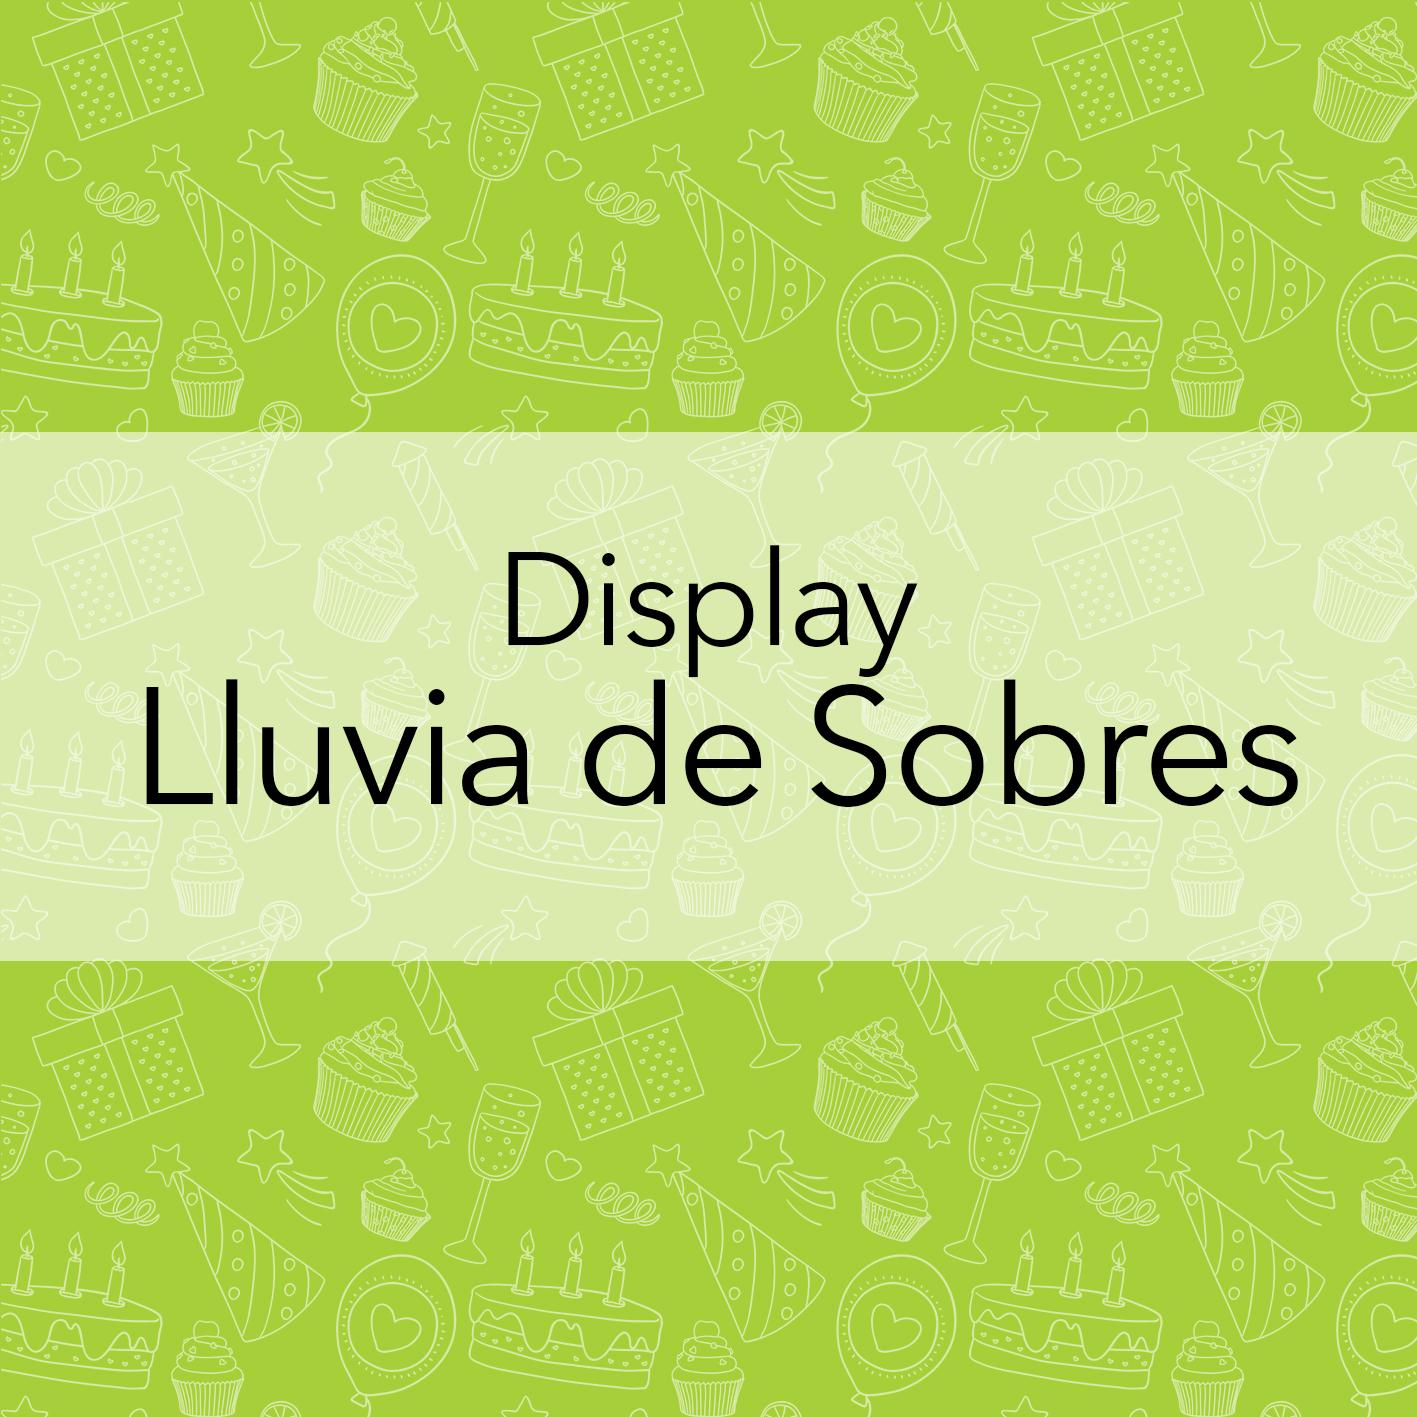 LLUVIA DE SOBRES